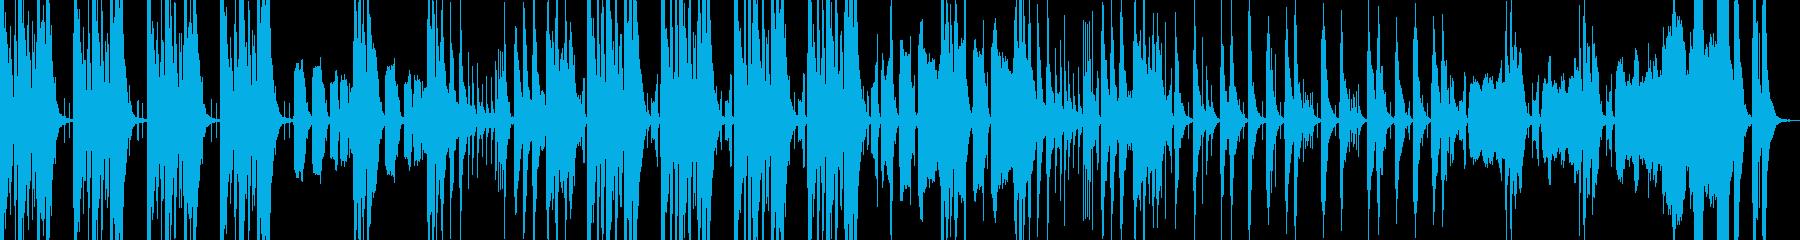 ゲームや動画のコミカル、おふざけBGMの再生済みの波形